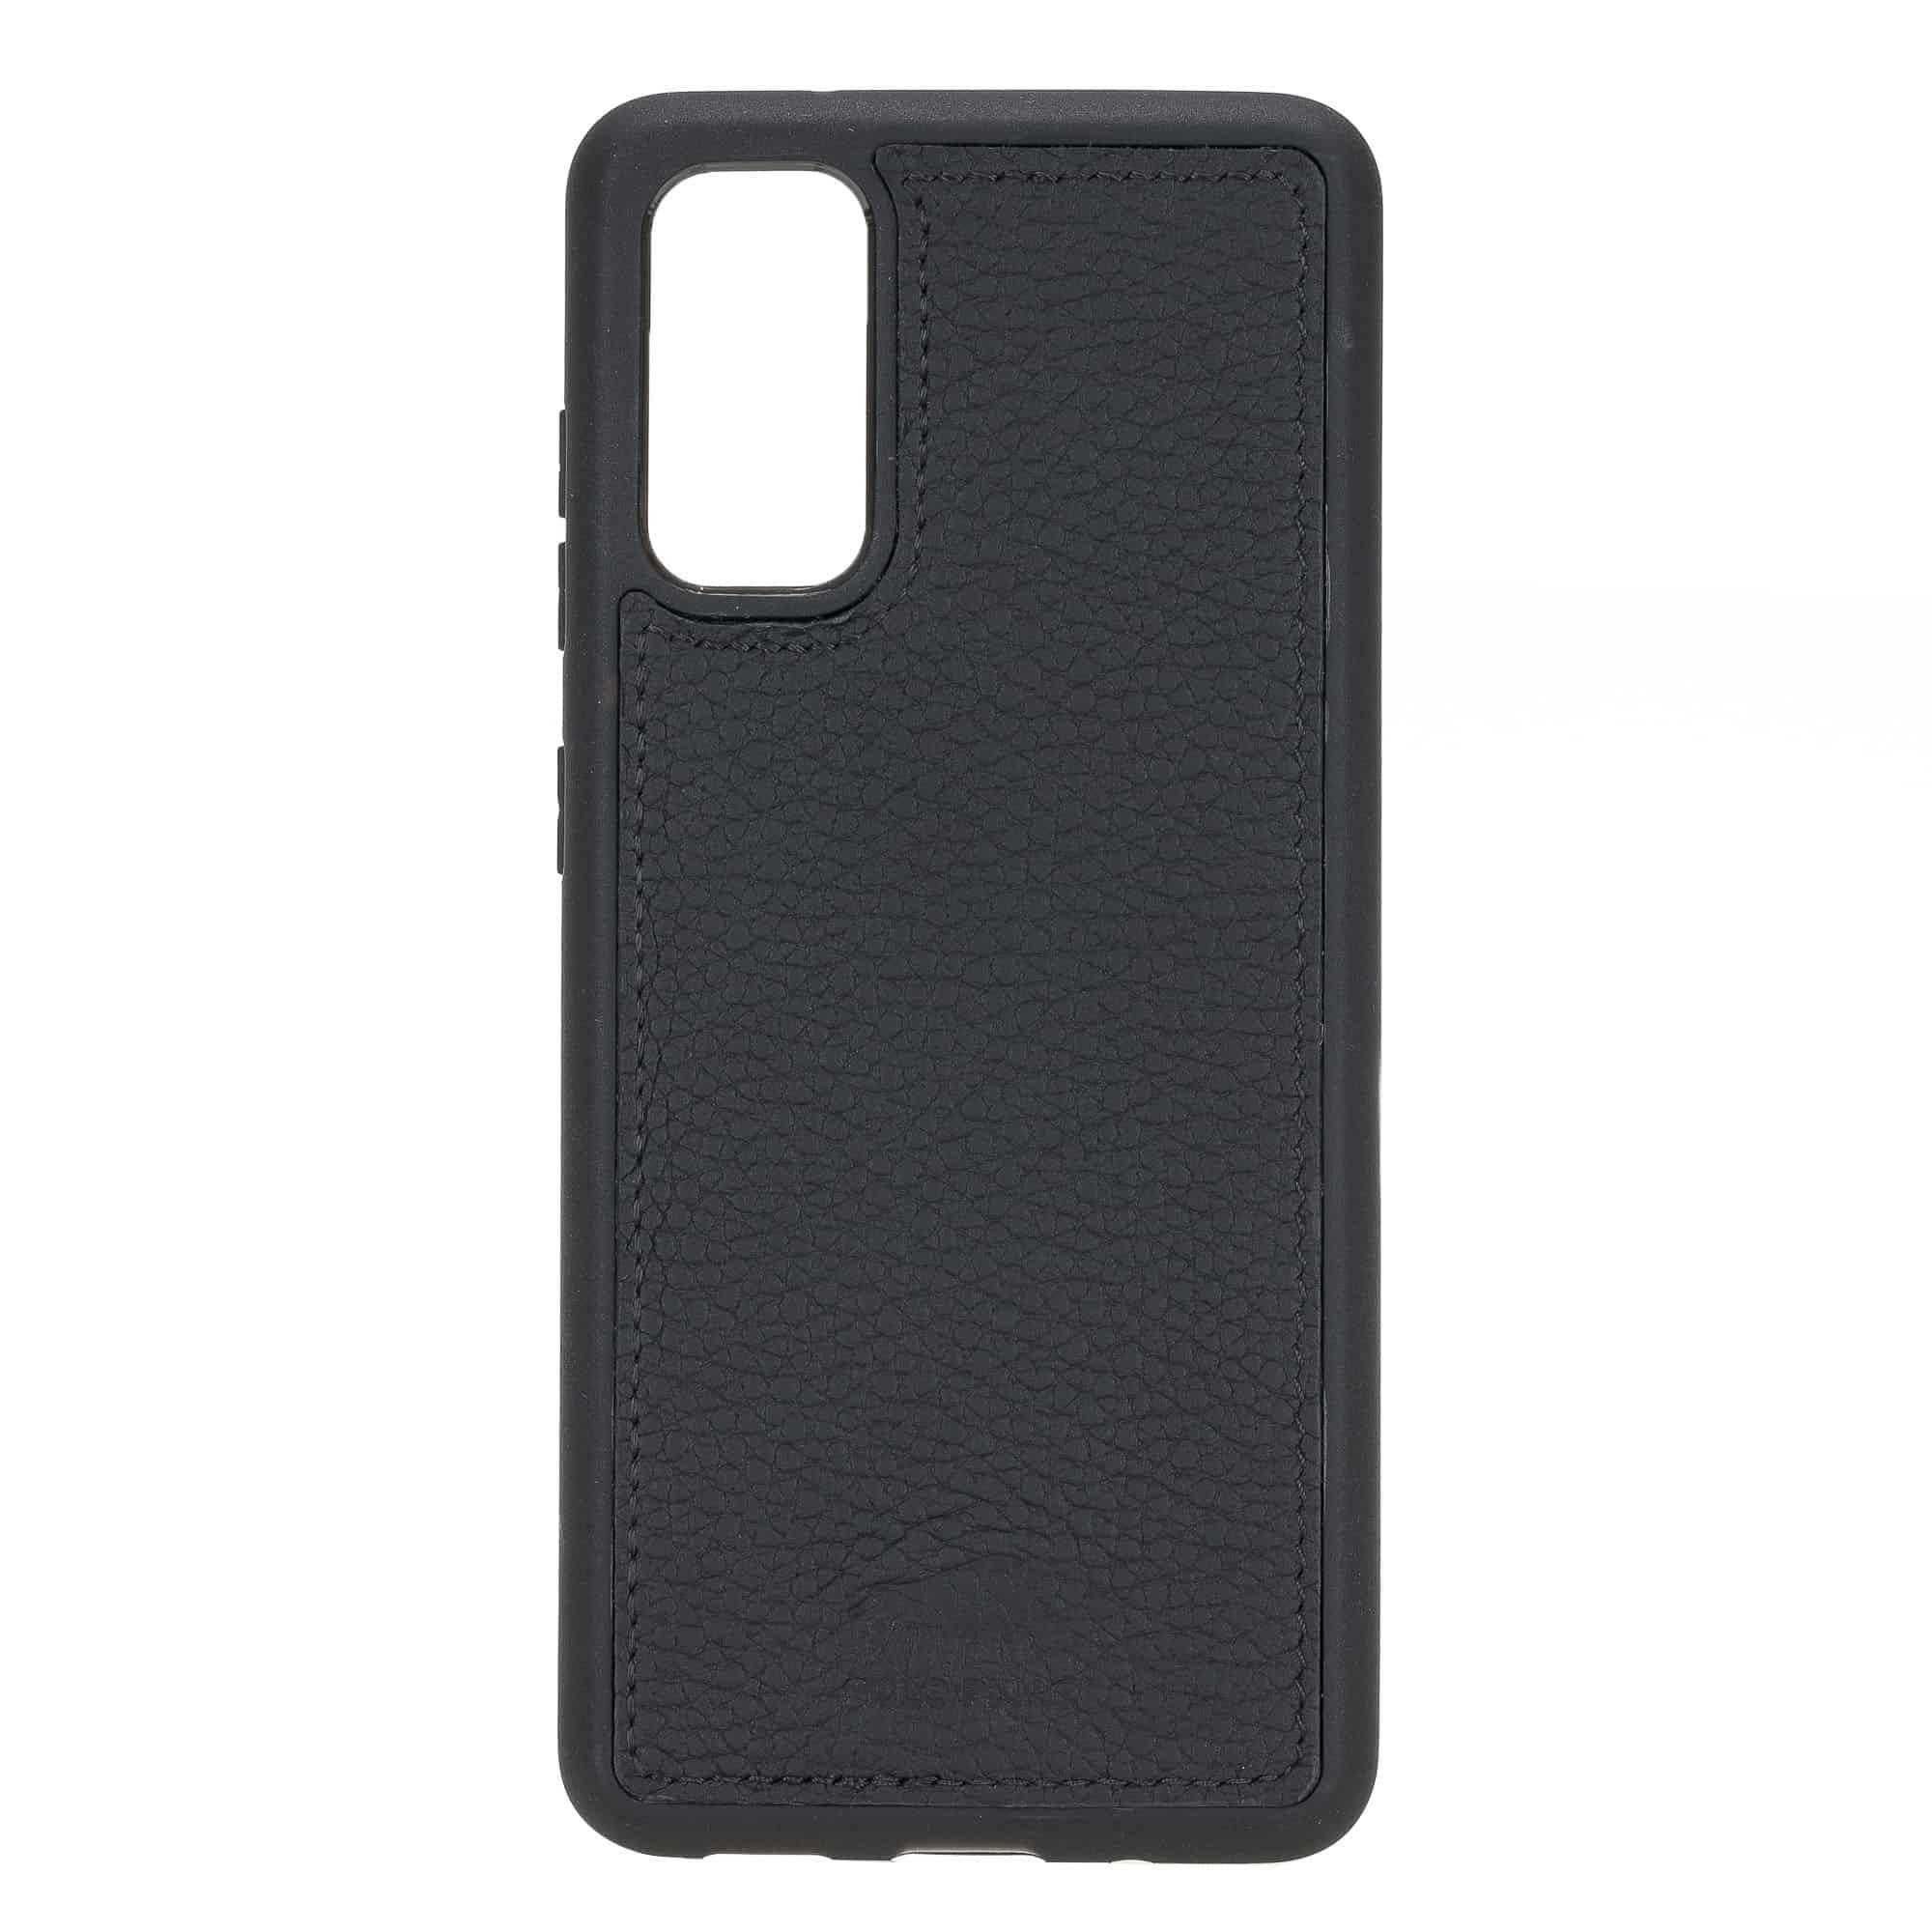 Solo Pelle Lederhülle für das Samsung Galaxy Note20 | Note 20 Hülle aus echtem Leder, Model: Stanford (Matt Schwarz)